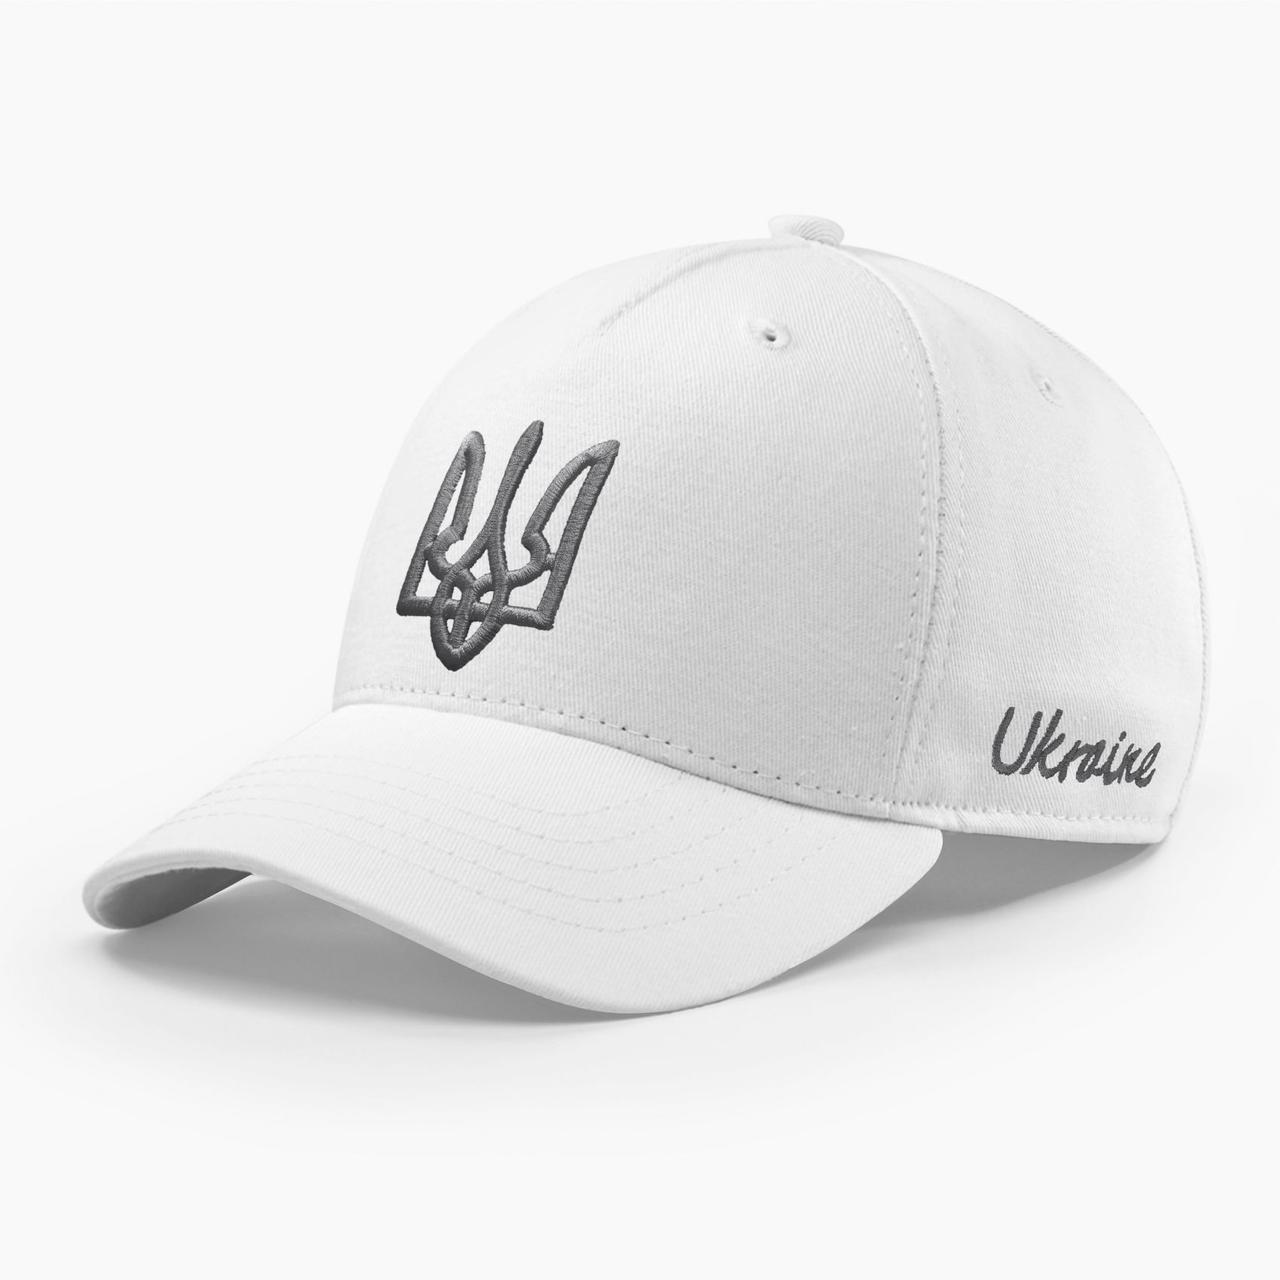 Кепка бейсболка мужская INAL с гербом Украины S / 53-54 RU Белый 278953